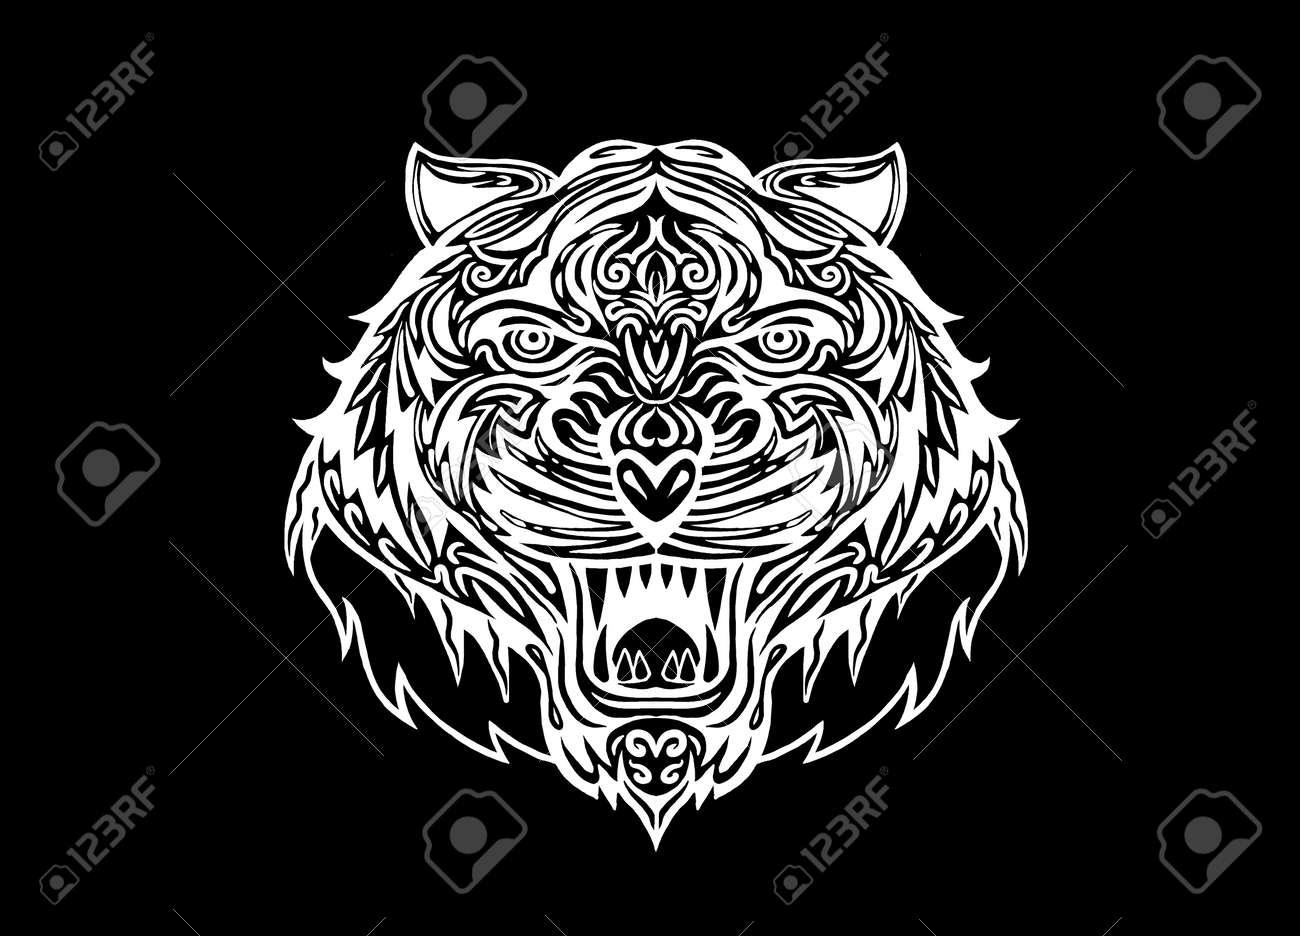 Mano La Cabeza De Tigre Dibujado Tattoopsychedelic Tigre Aislado